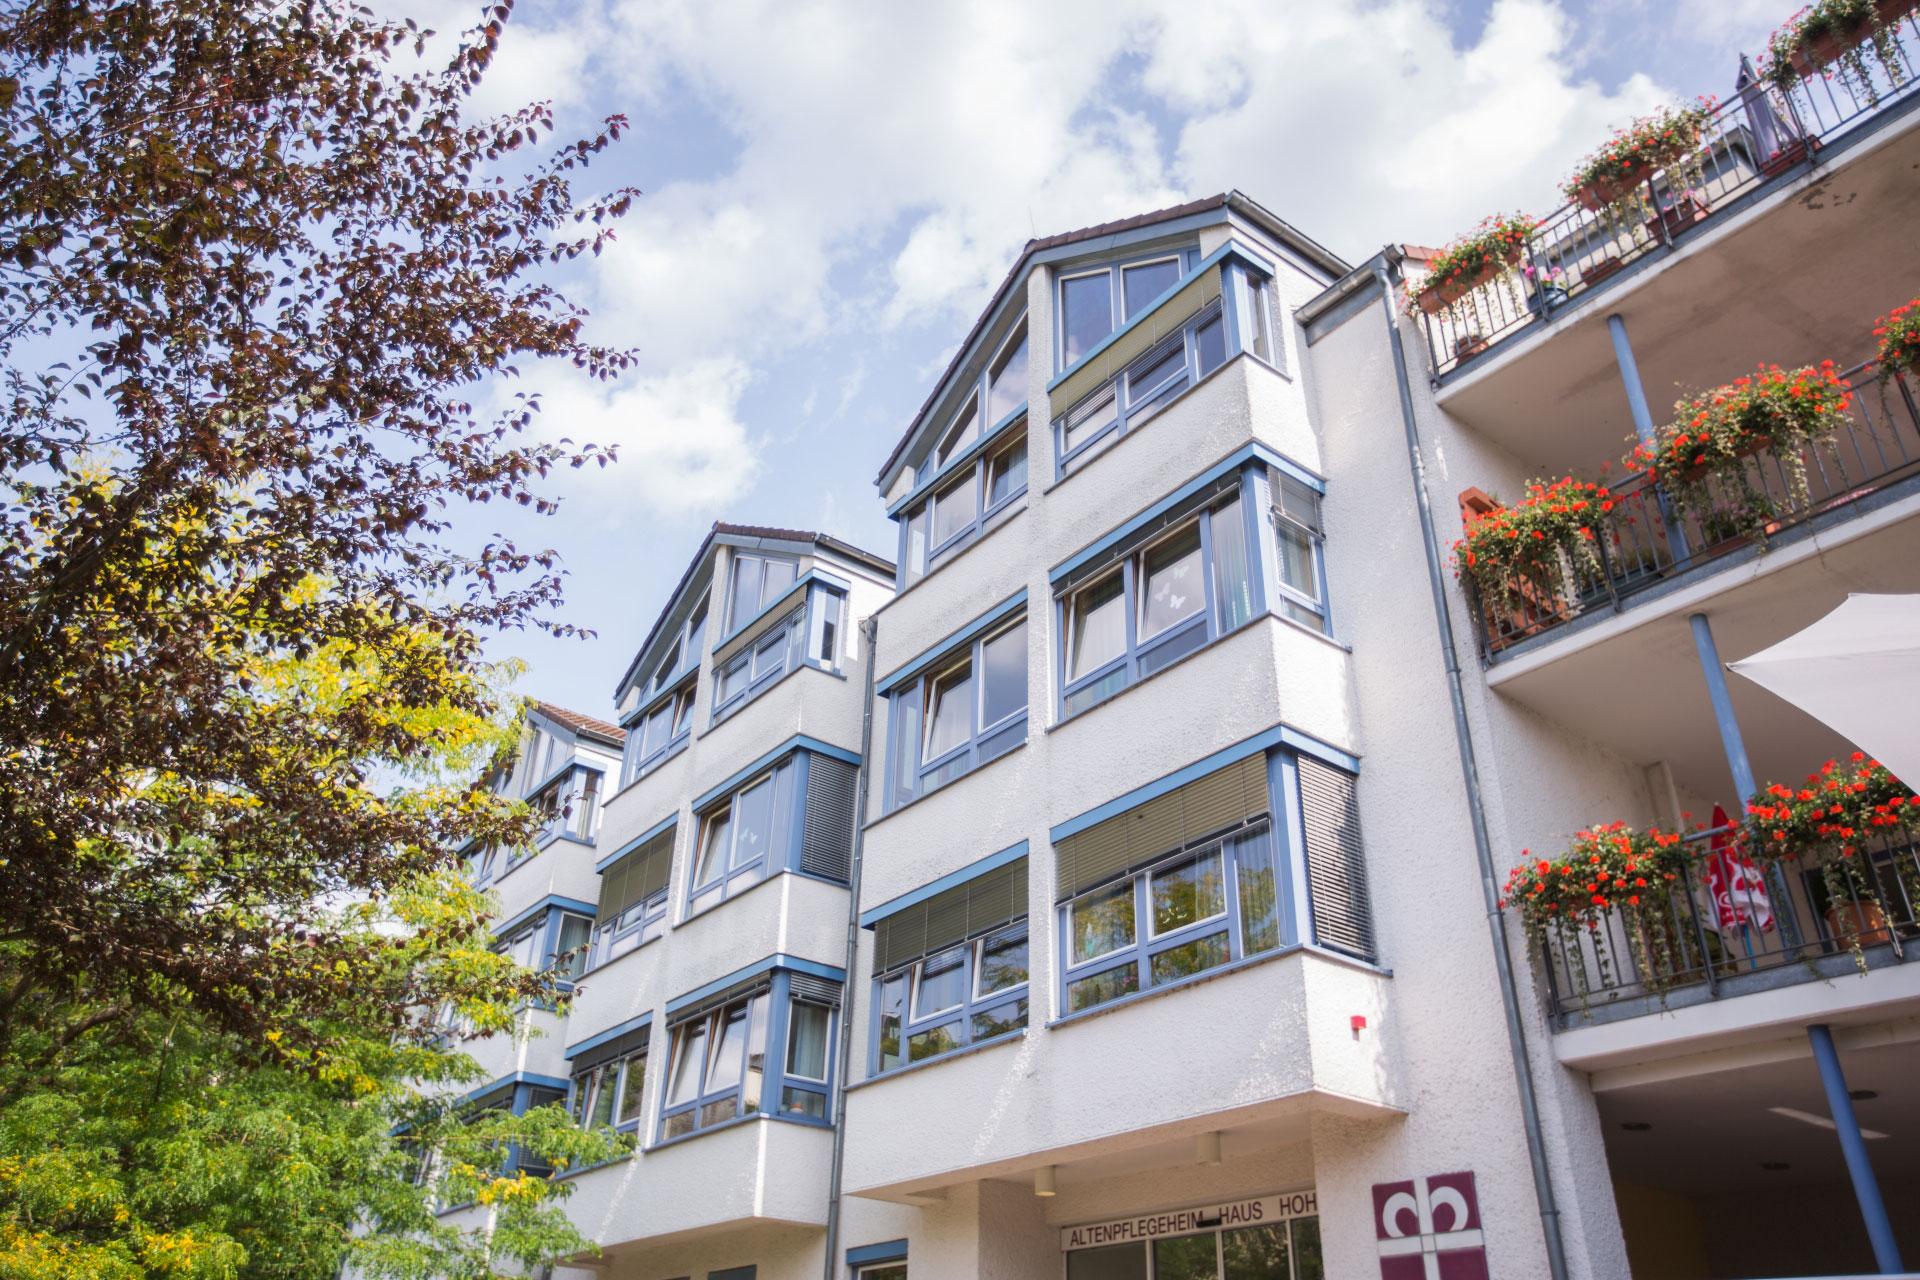 Stiftung Diakoniewerk Friedenswarte Haus Hohe Lay